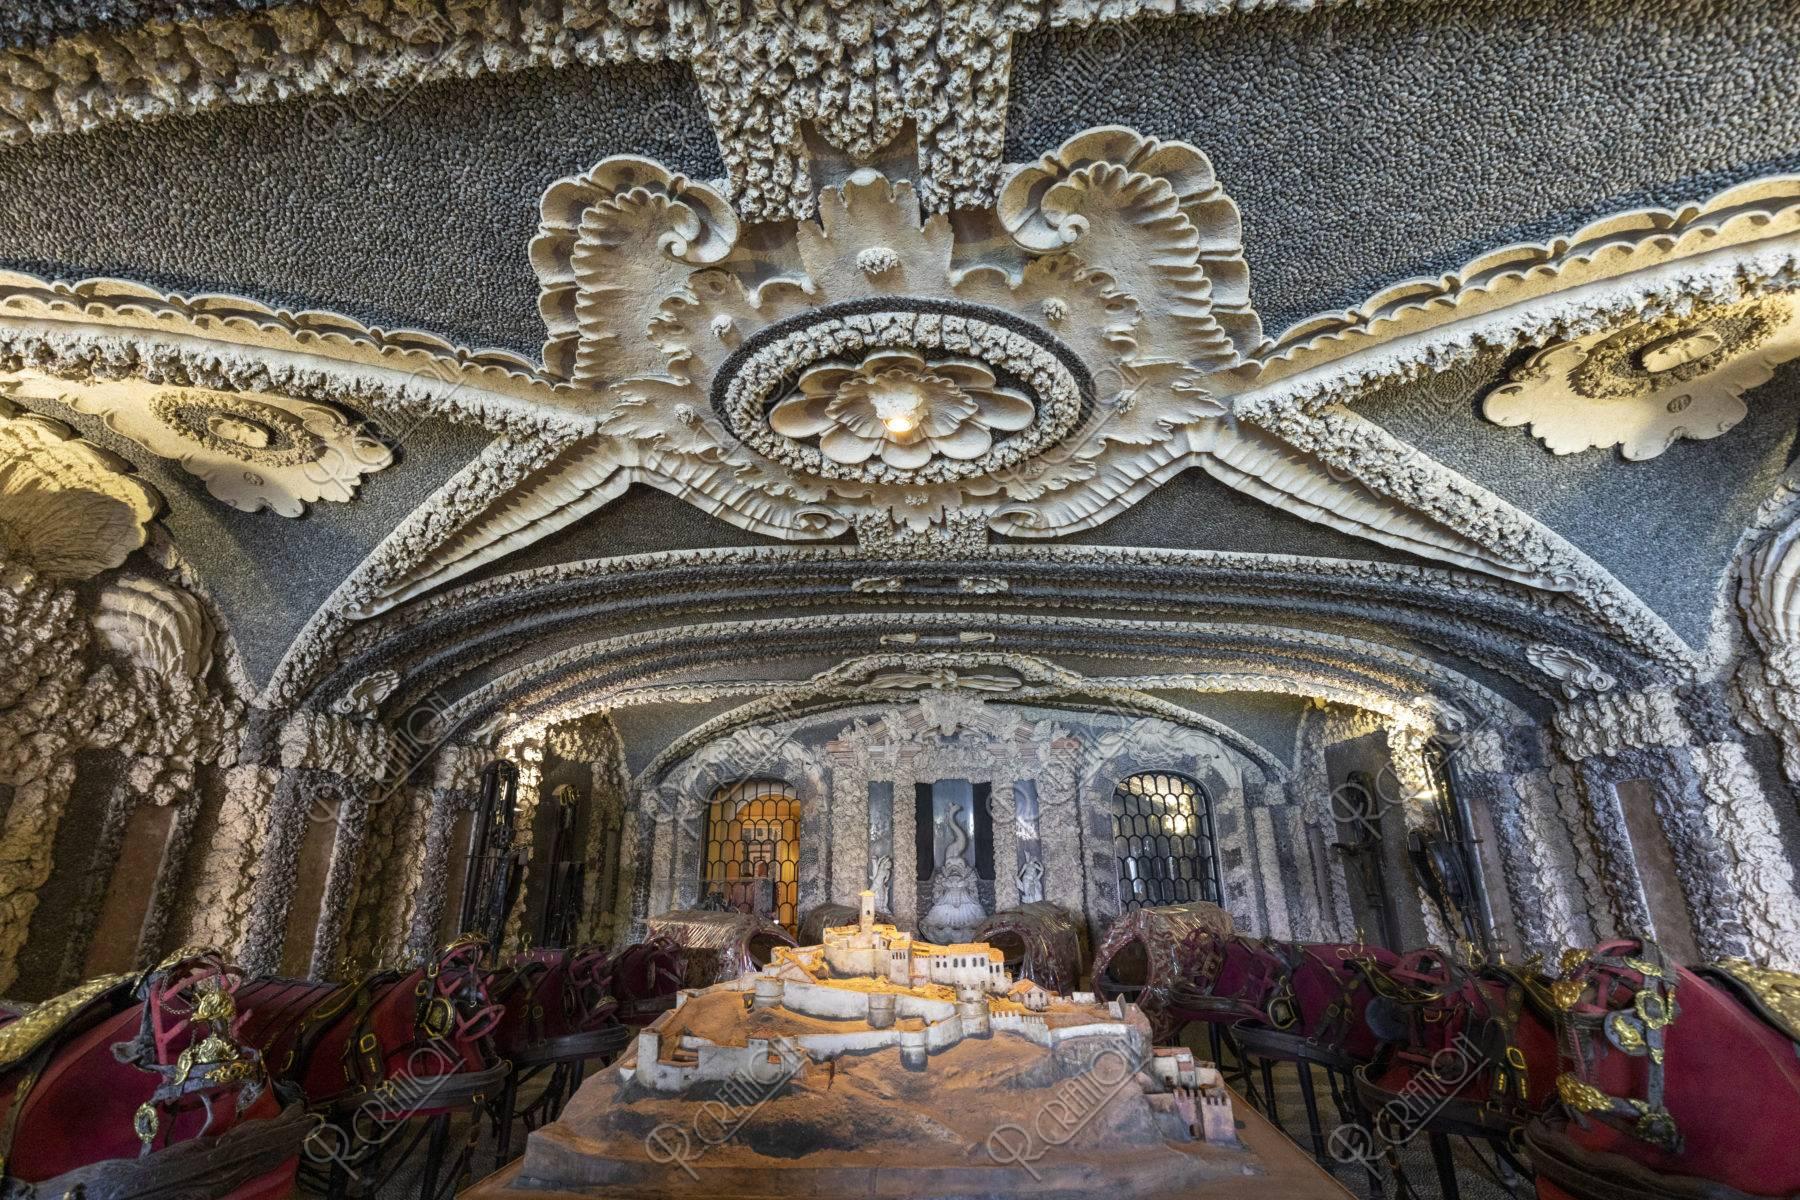 ベッラ島 ボッロメオ宮殿 グロッタ